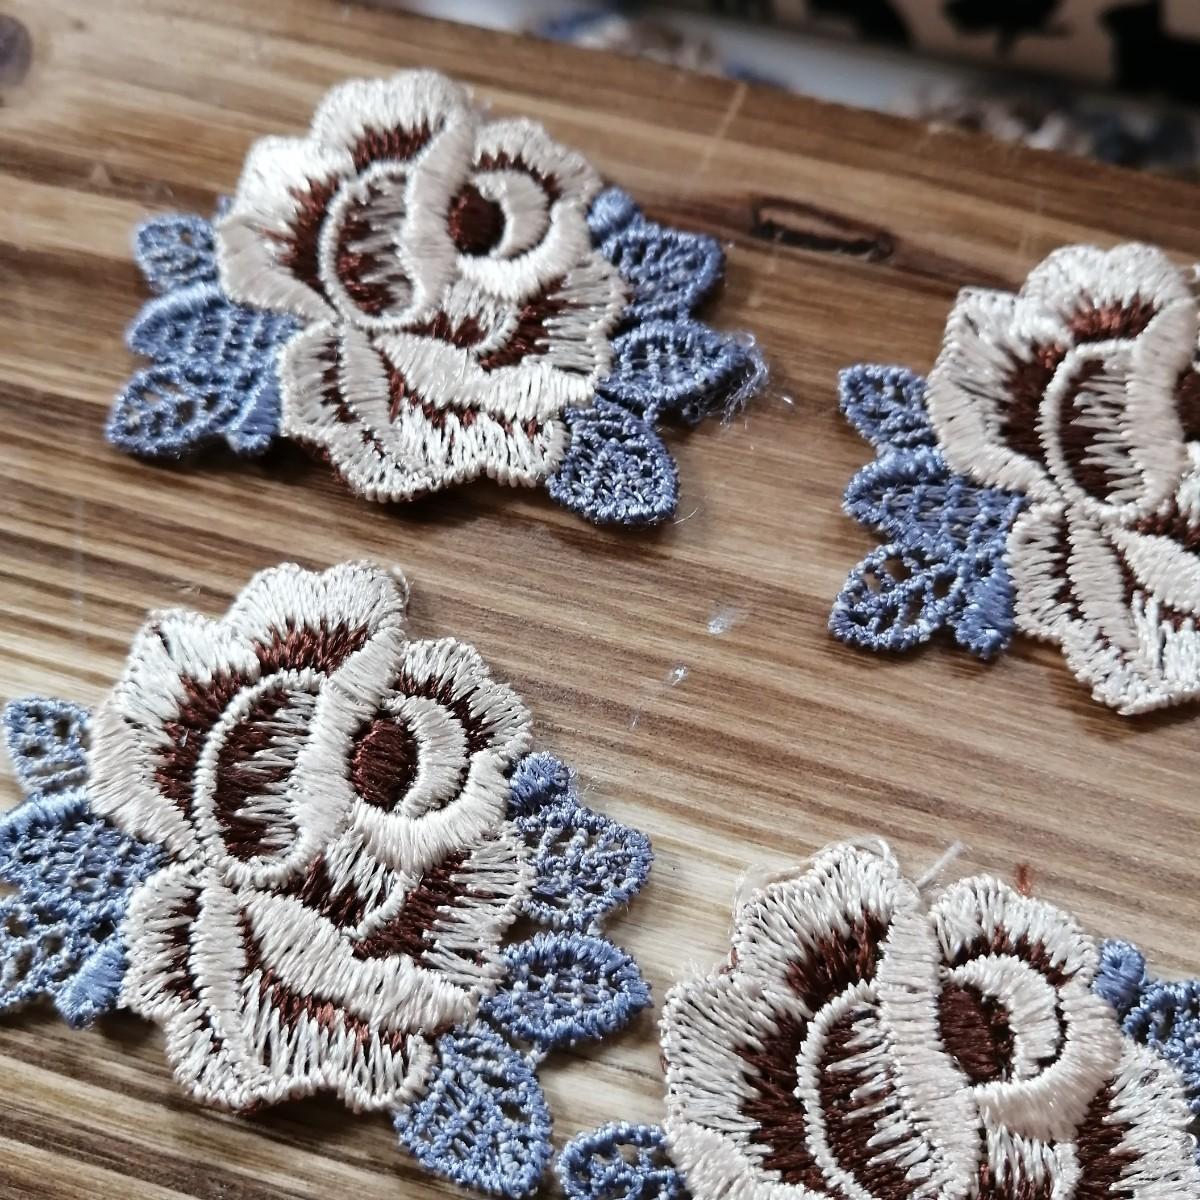 ハンドメイド ワッペン   刺繍 綺麗なワッベン 手作り 花モチーフ 薔薇 灰1